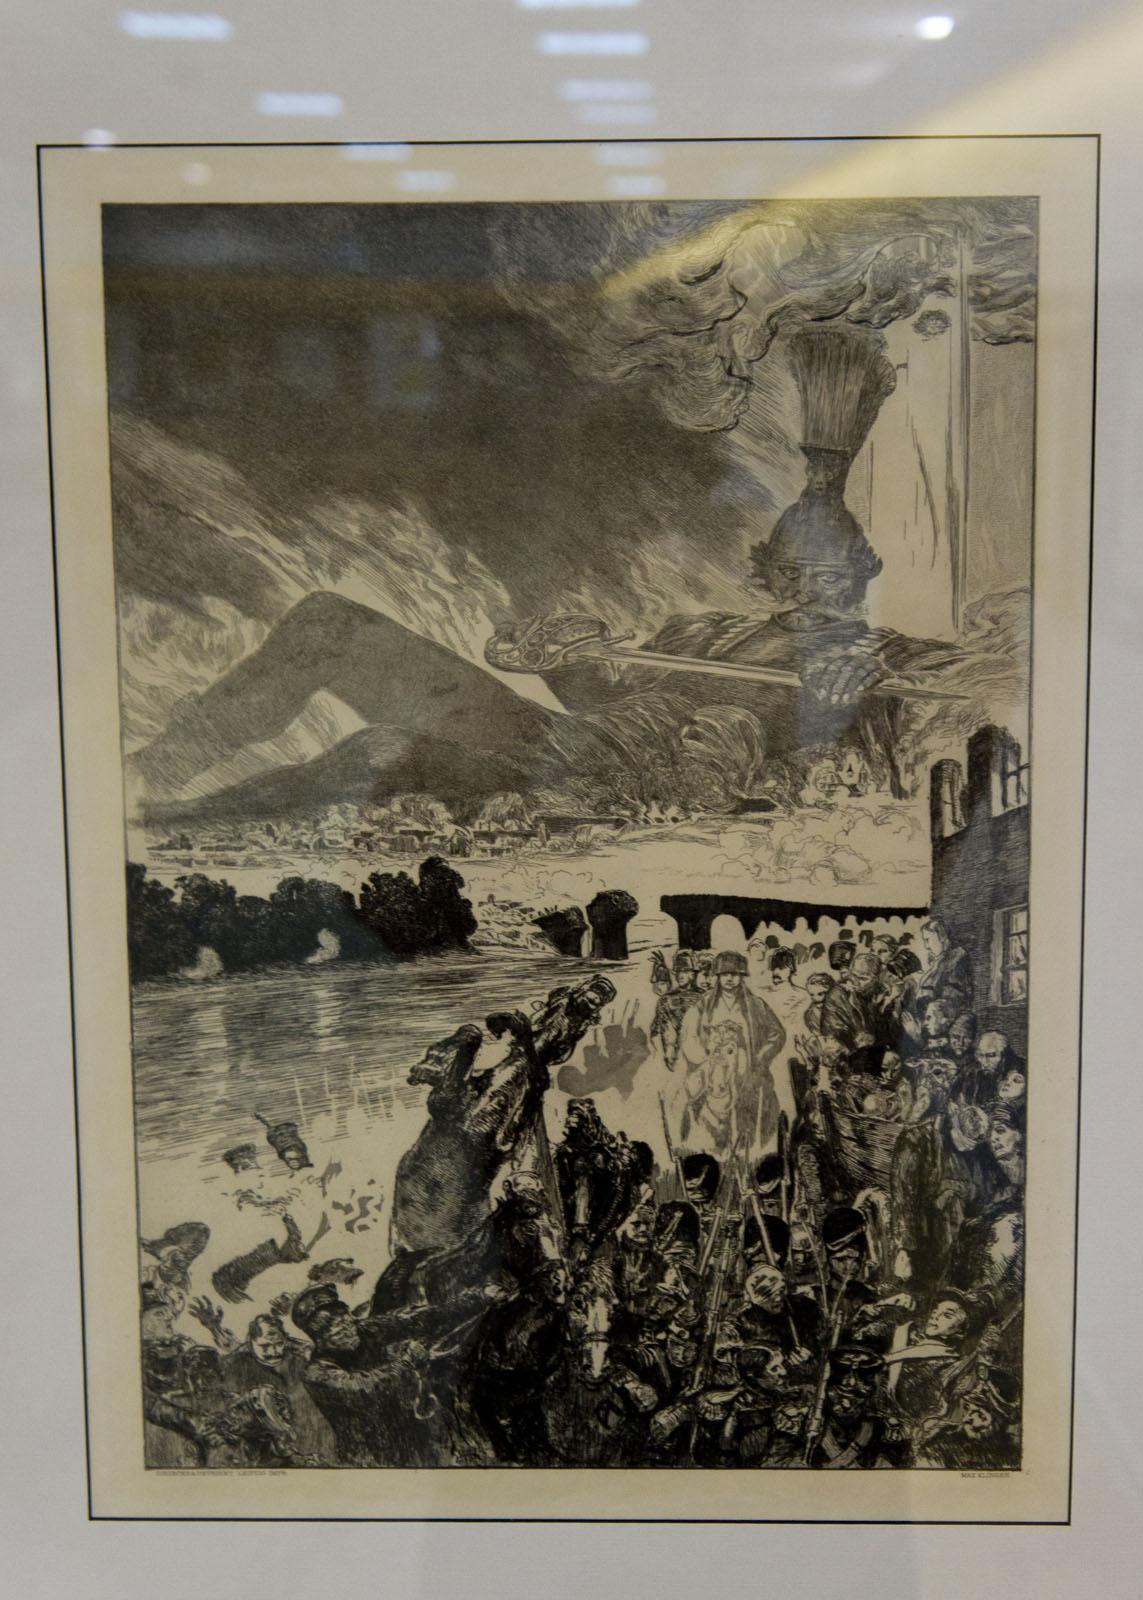 Фото №76472. Бегство Наполеона. 1903, Макс Клингер (1857-1920)